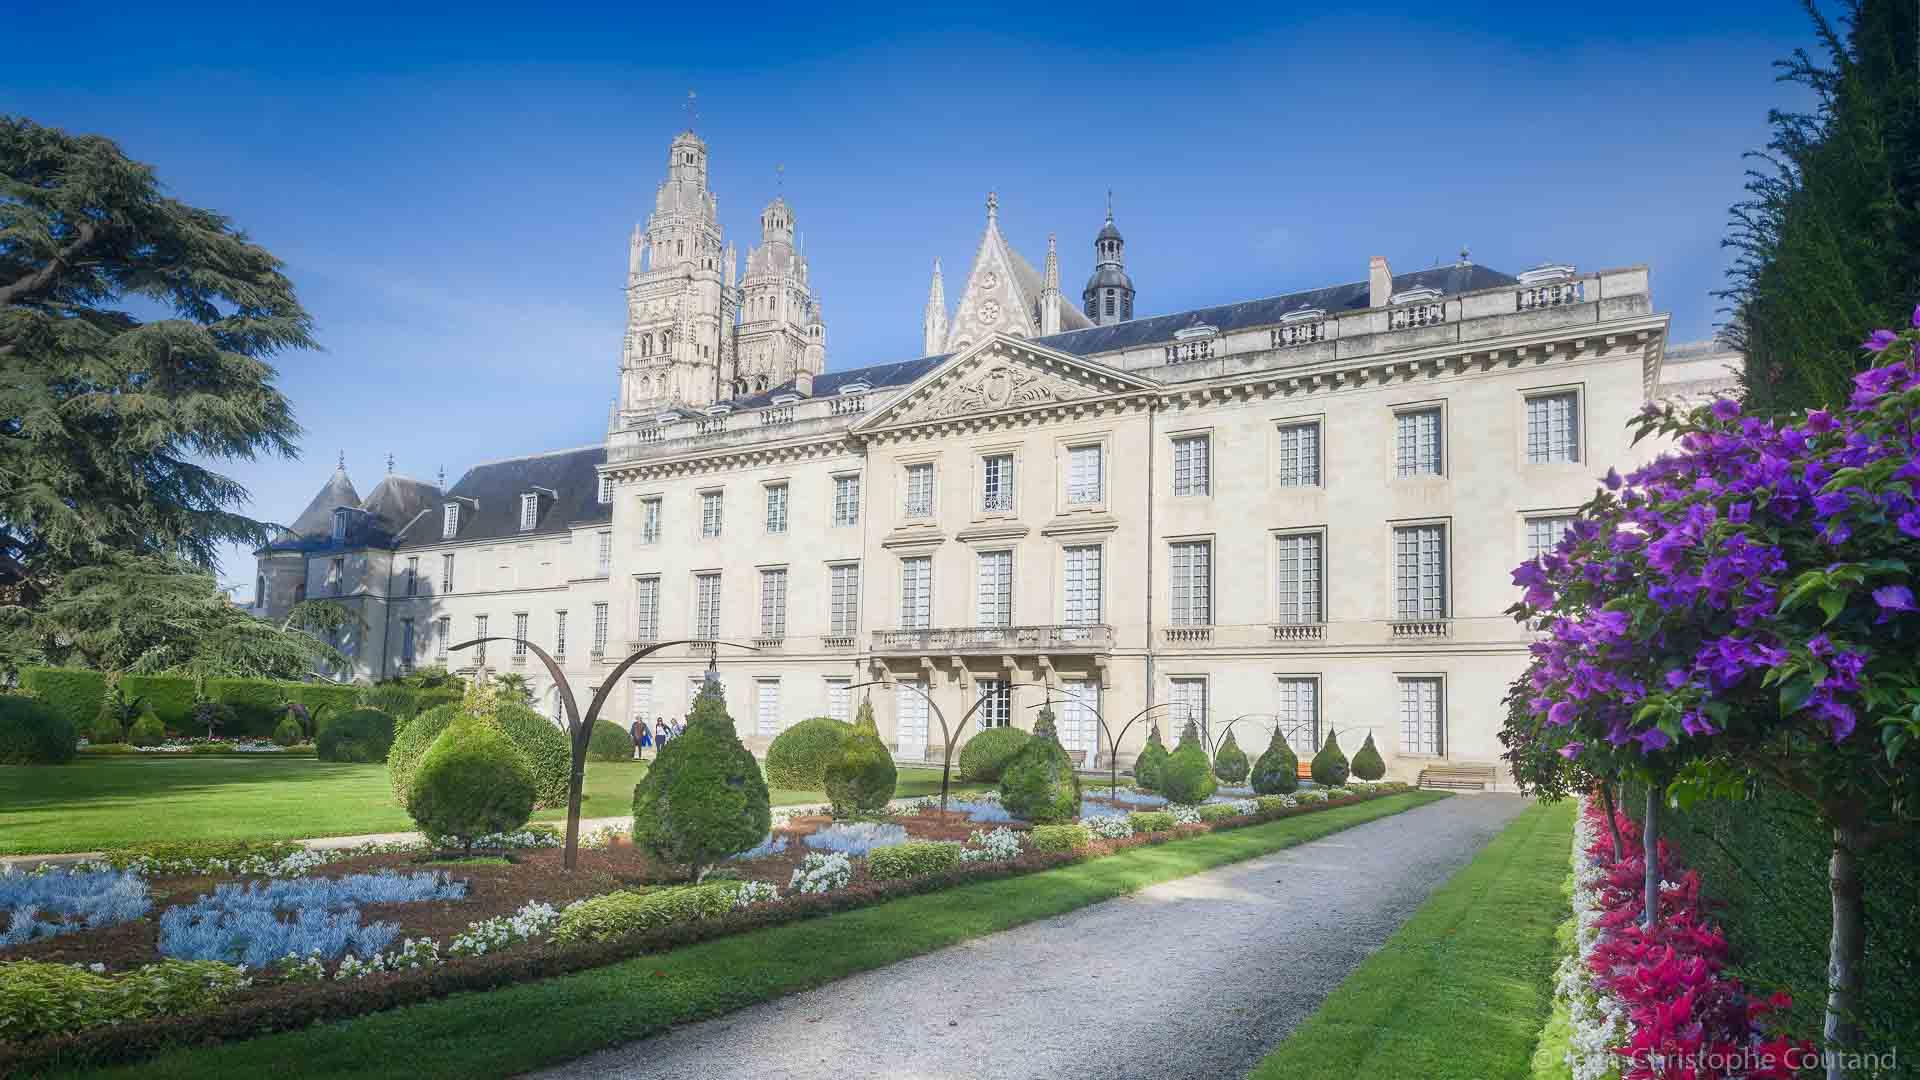 Visit Tours - The Fine arts museum